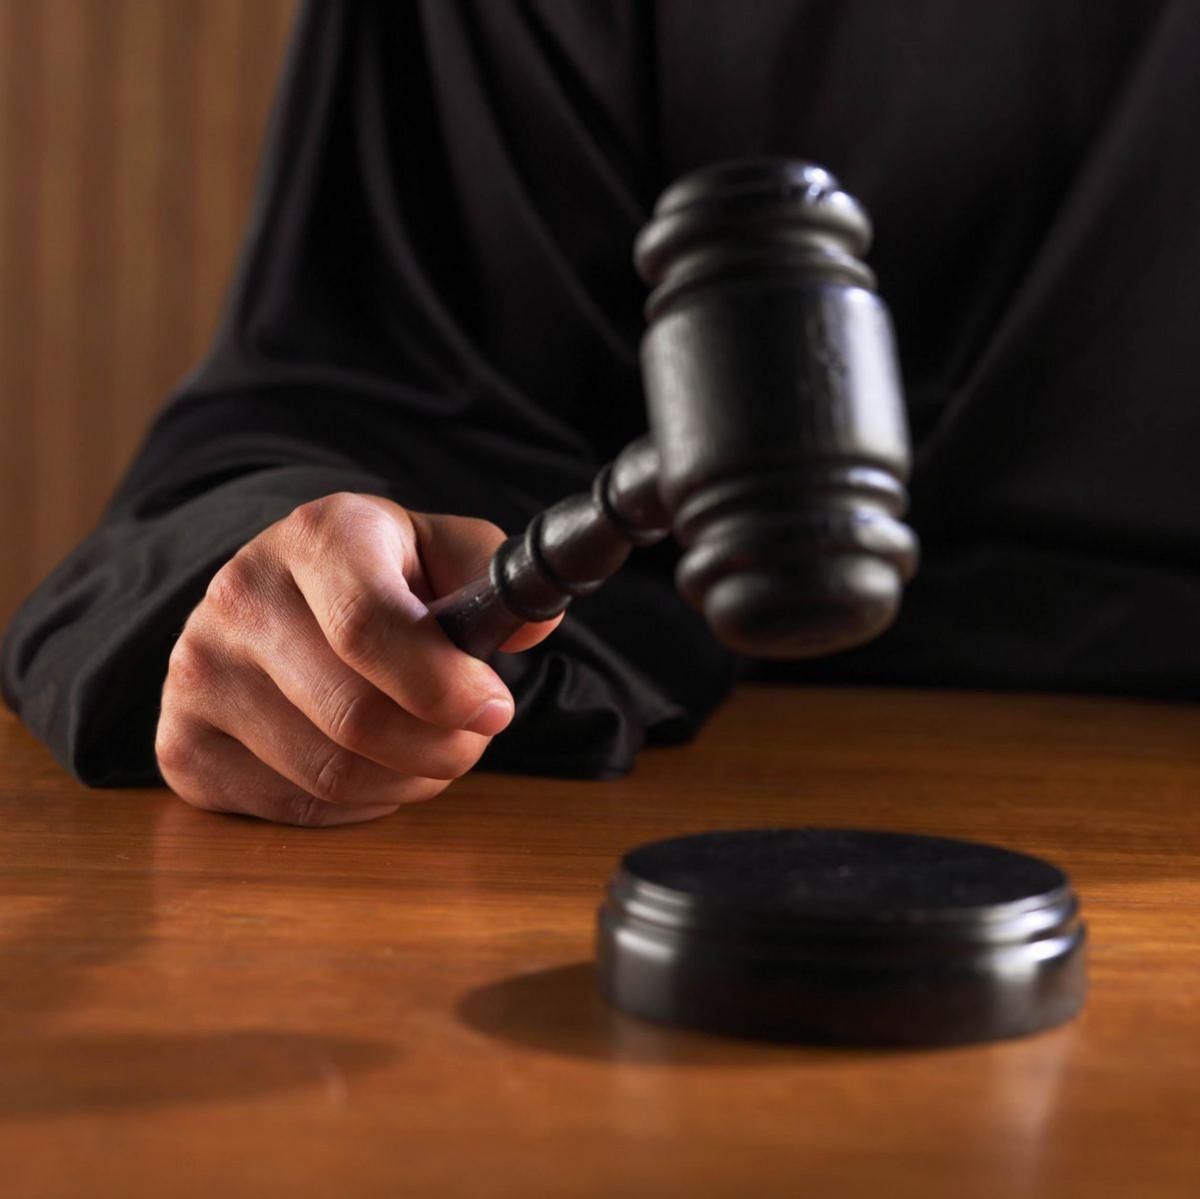 Житель Прокопьевского района приговорен к реальному лишению свободы, за то, что ударил полицейского